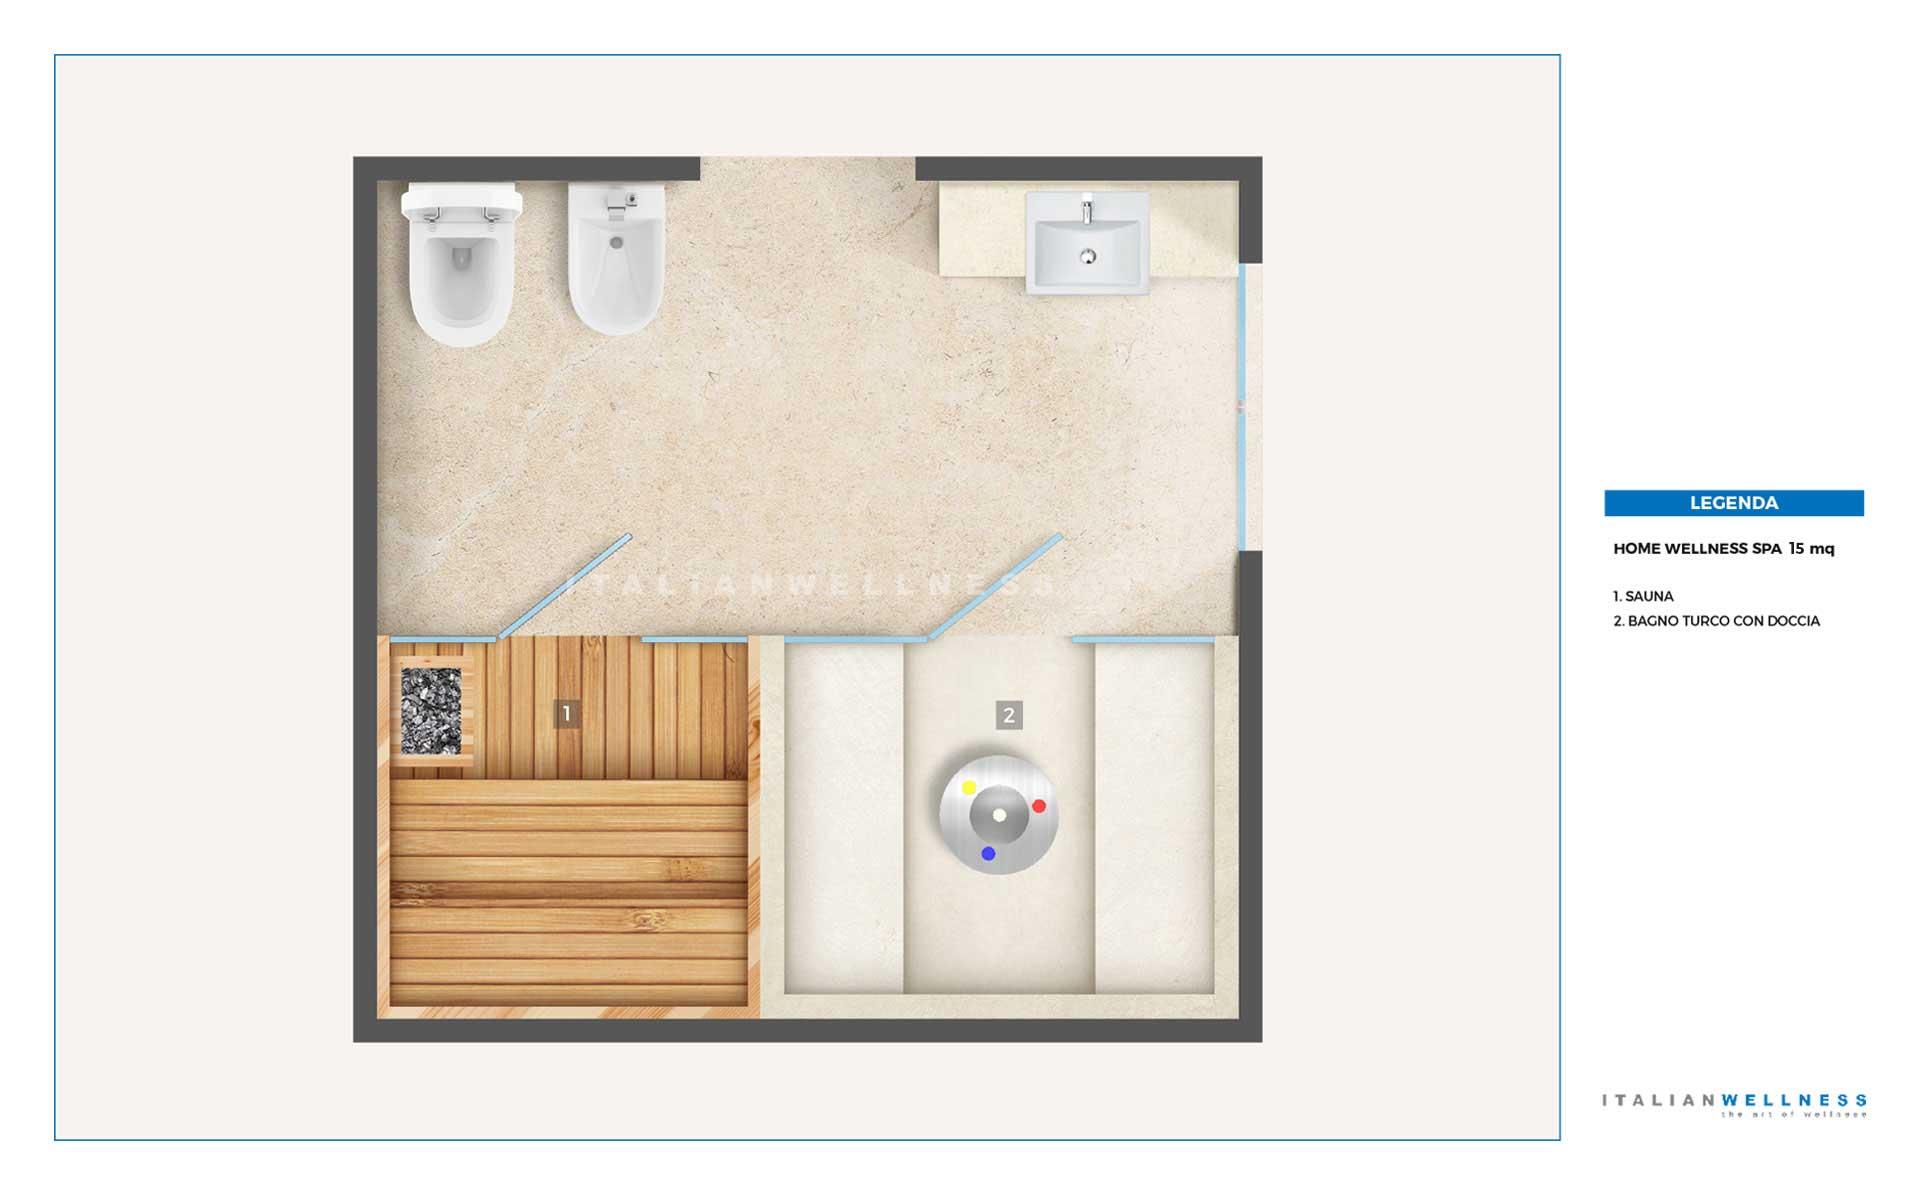 Mini Spa Da Casa spa in casa: realizza un centro benessere in casa tua